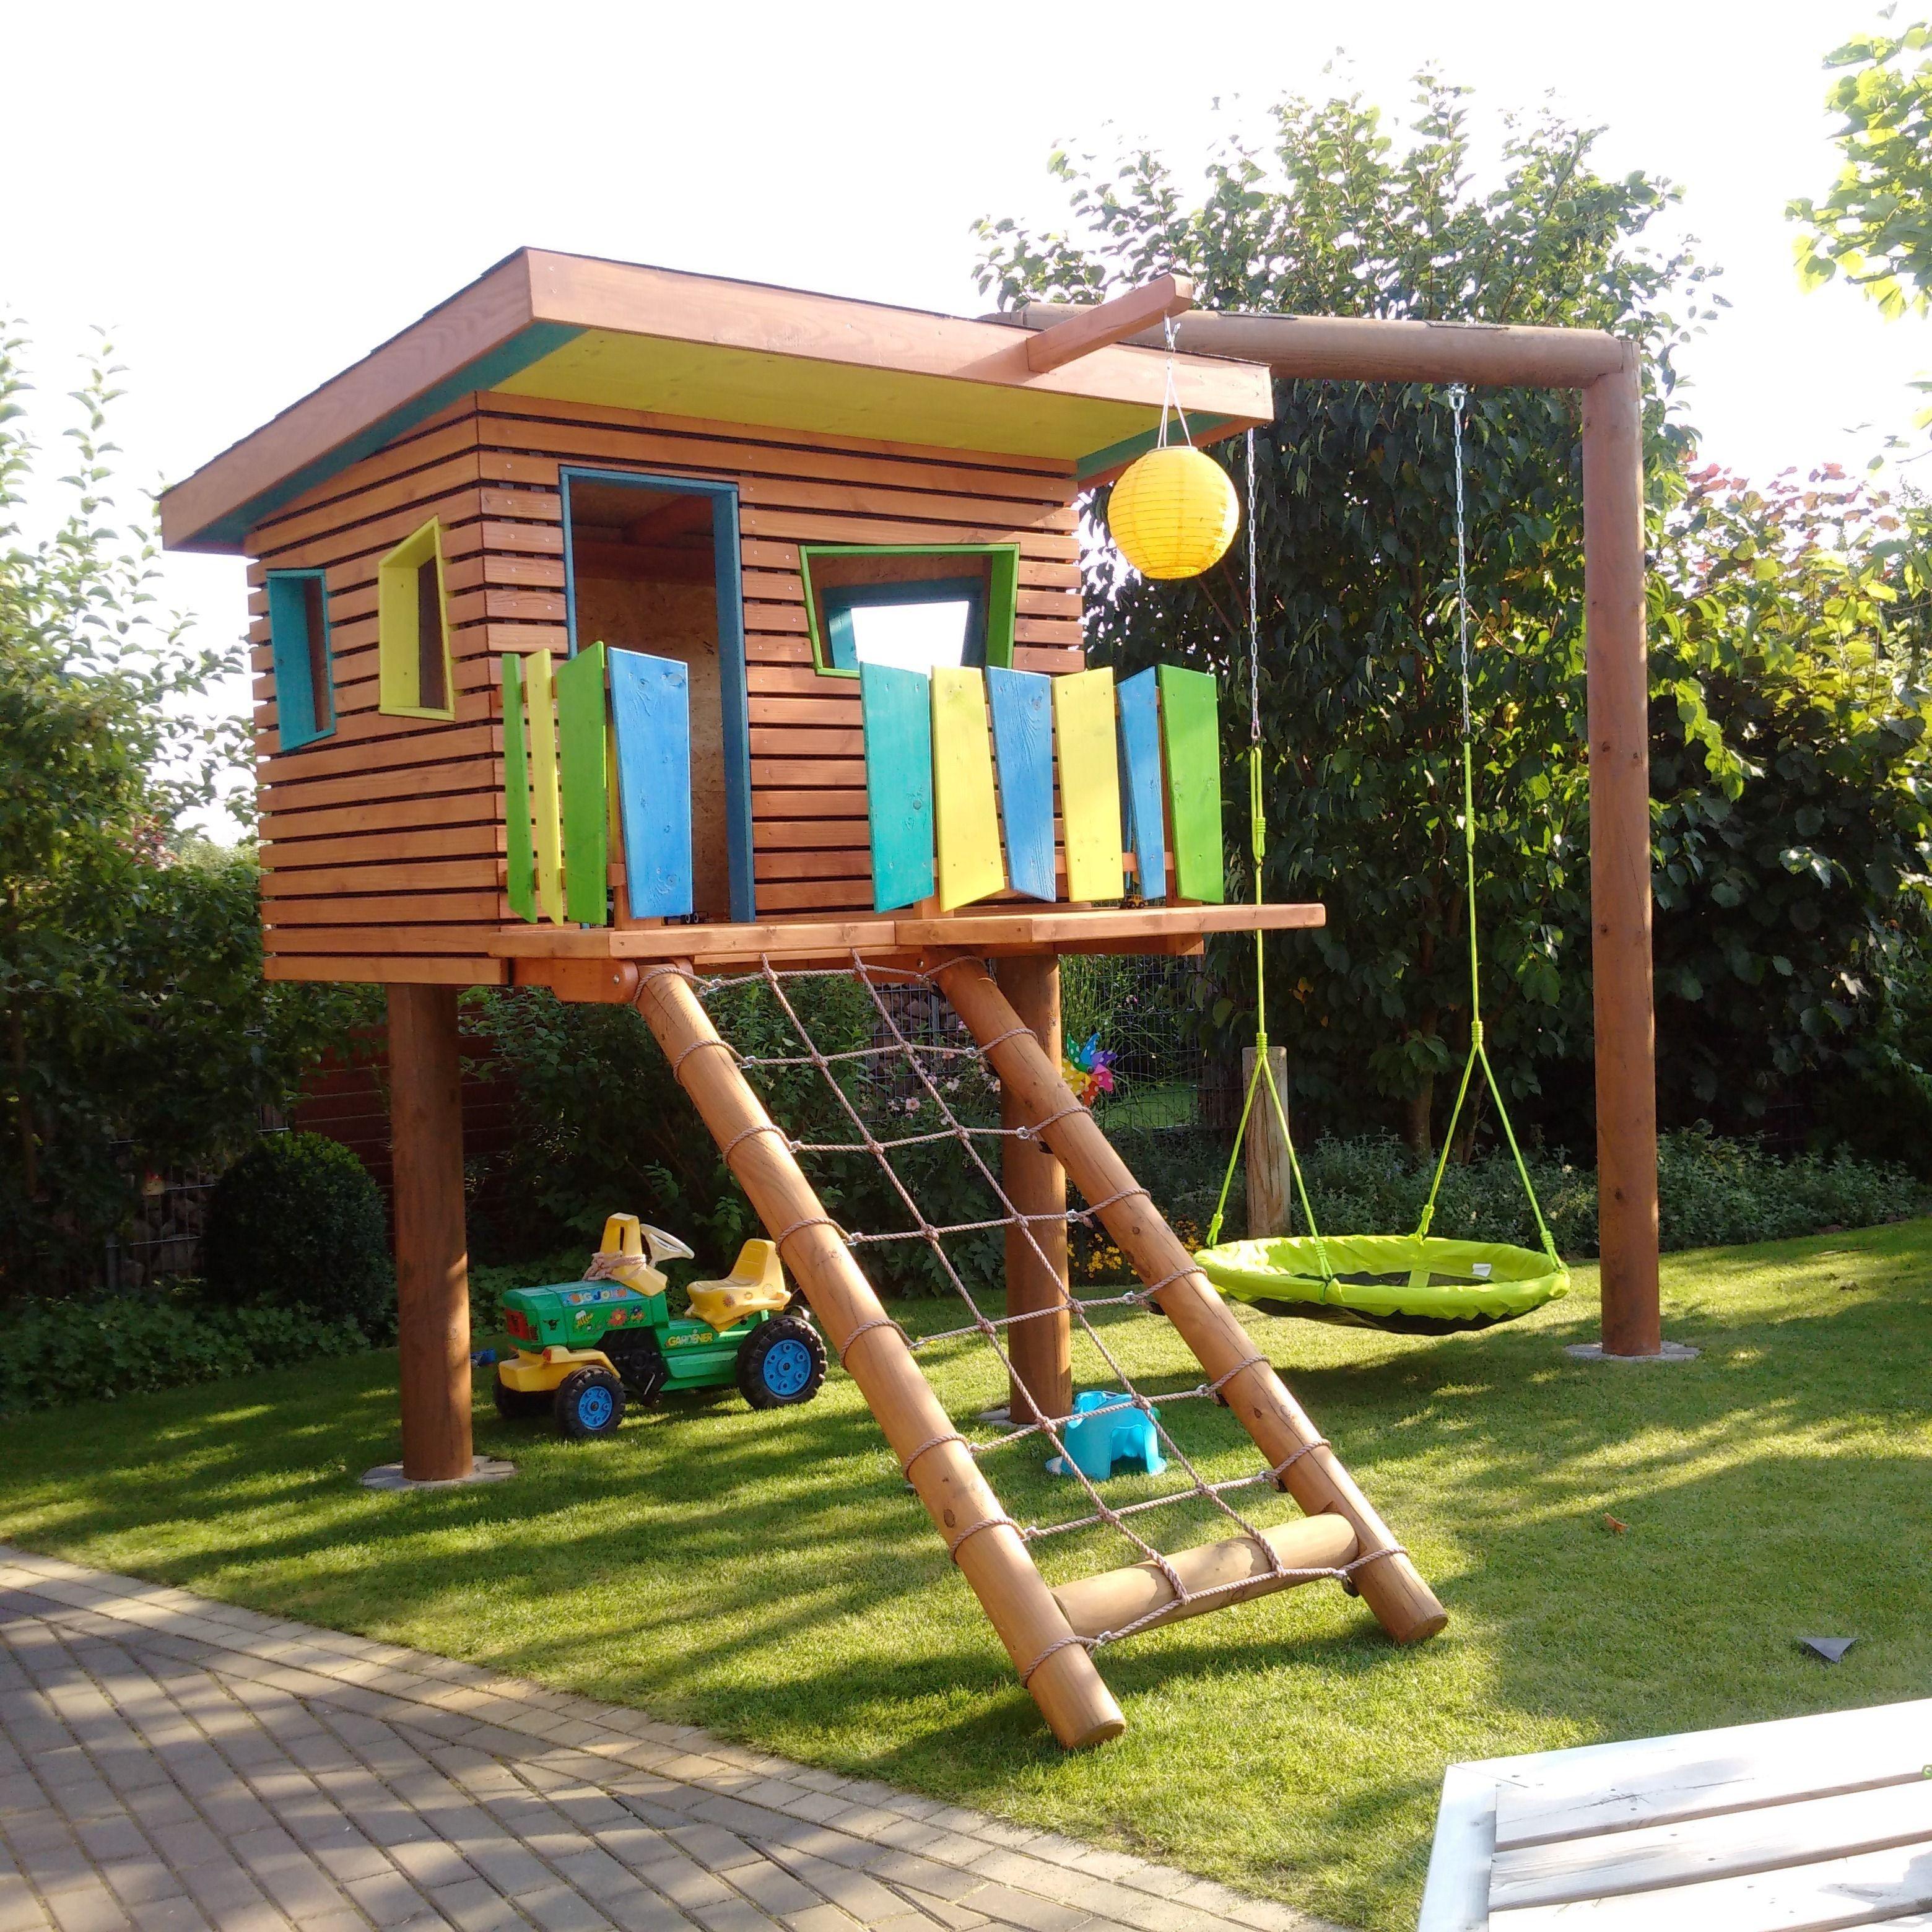 luxury kinderschaukel mit rutsche selber bauen   home decor ideas